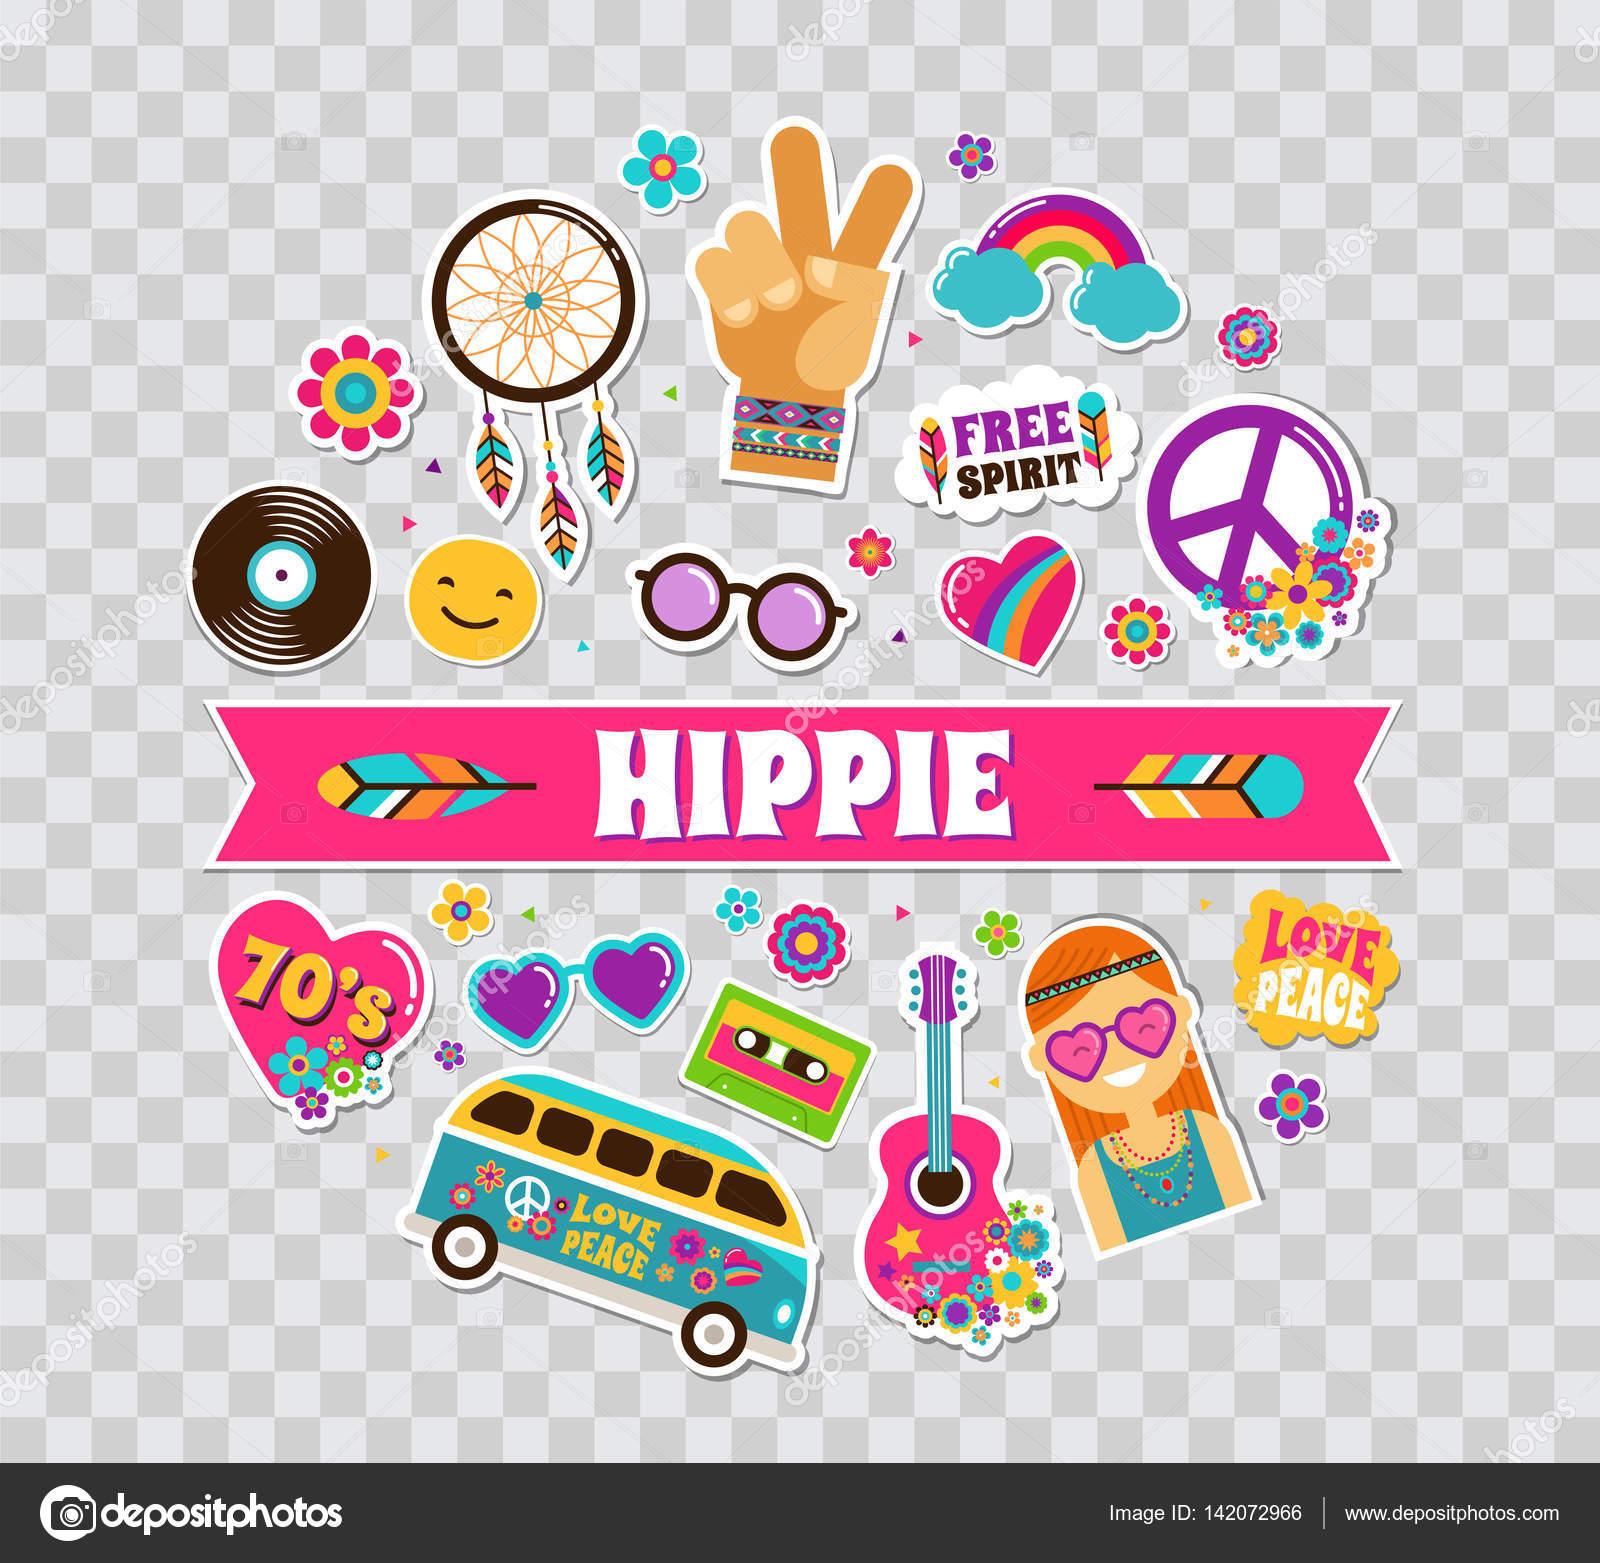 Hippie bohemio cartel dise o de la tarjeta con pegatinas pins